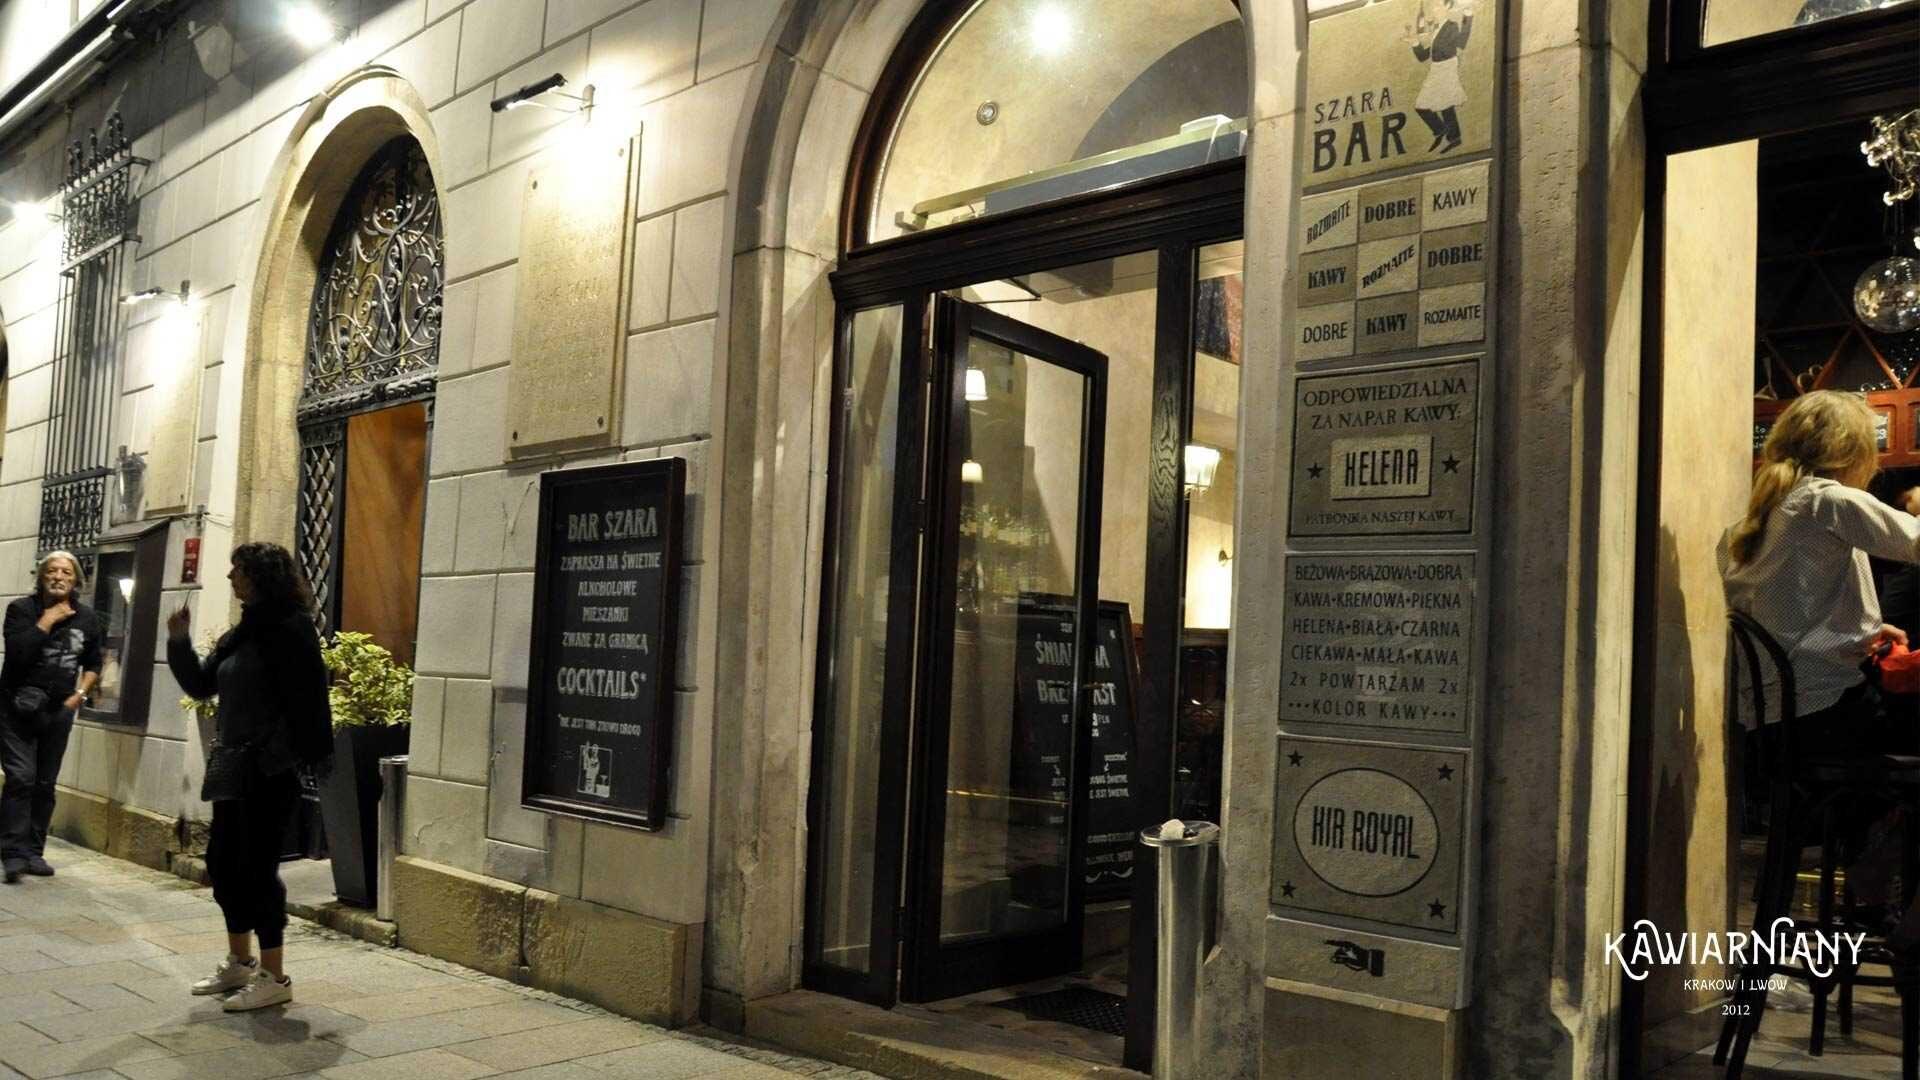 Restauracja Szara na Rynku w Krakowie – kultowa restauracja w kultowym miejscu